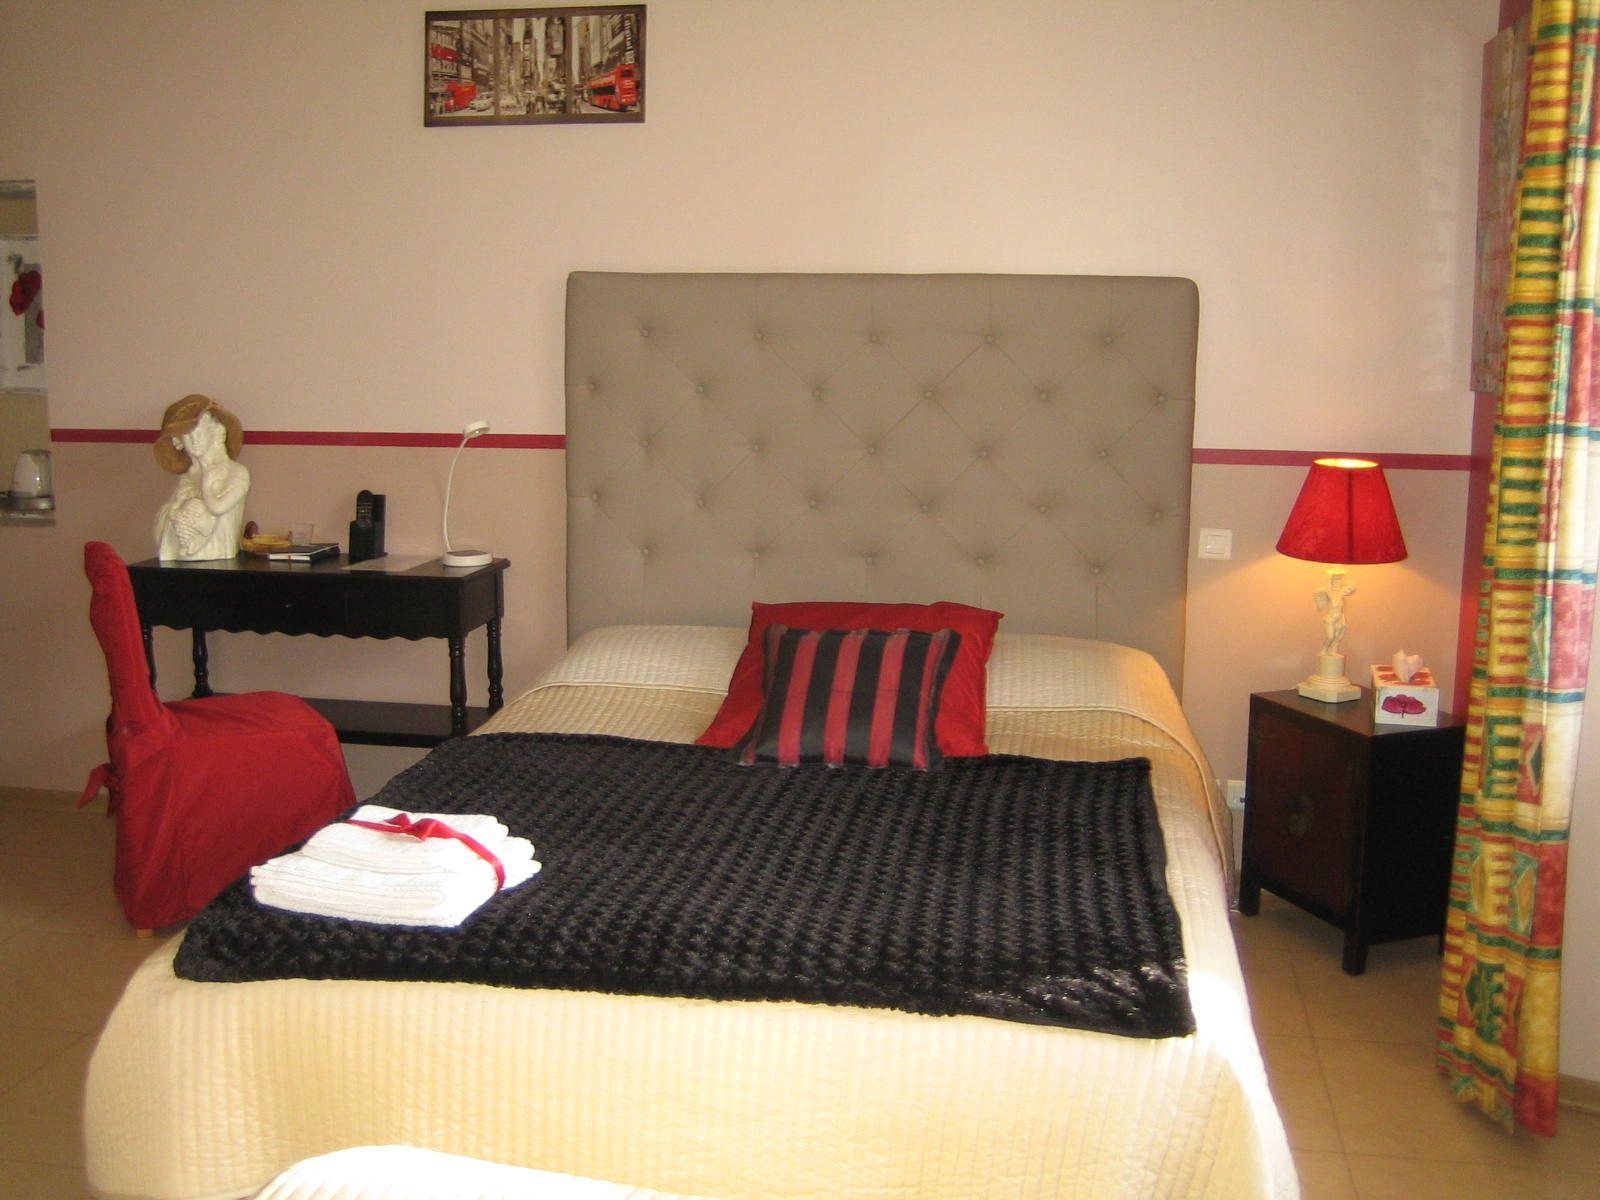 Chambres D Hotes Domaine Le Castagne Spa Sauna Auch Gers Domainelecastagne Com Home Decor Furniture Home